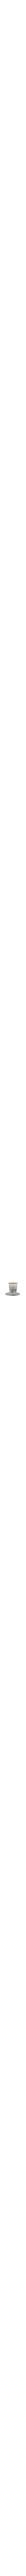 Grape Design Kiddush Cup